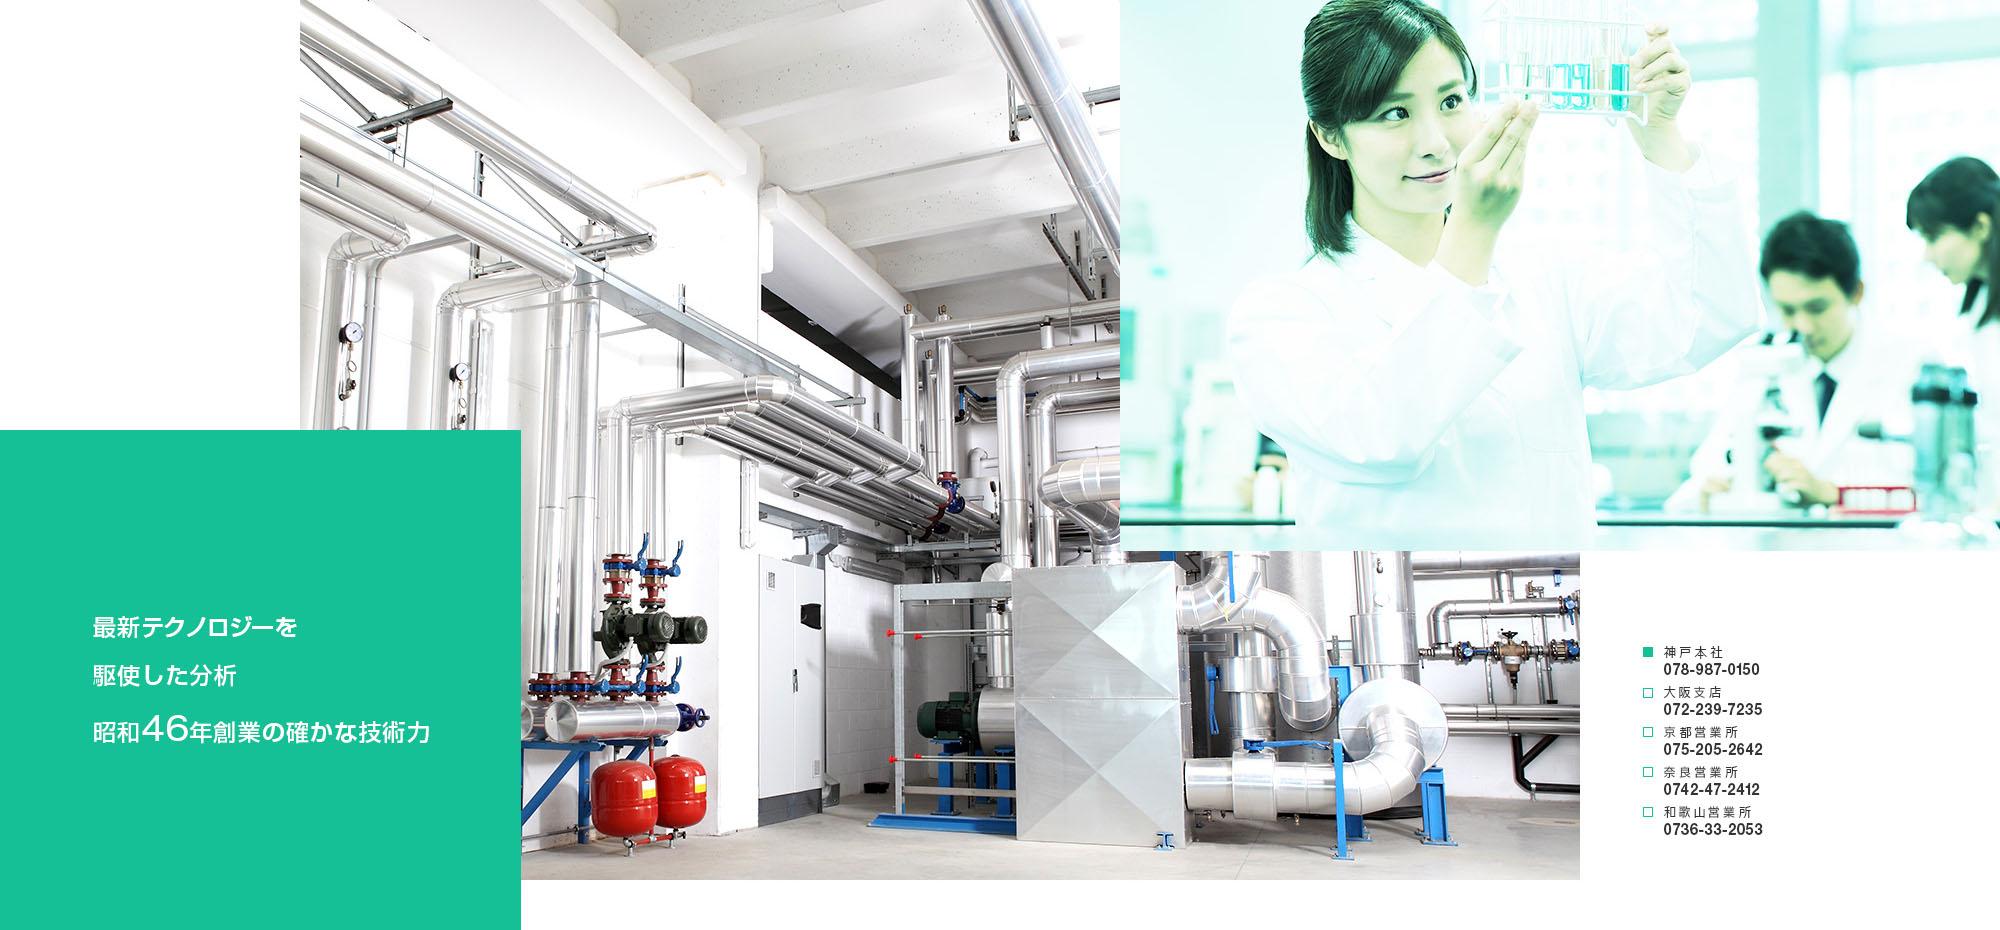 最新テクノロジーを駆使した分析 昭和46年創業の確かな技術力